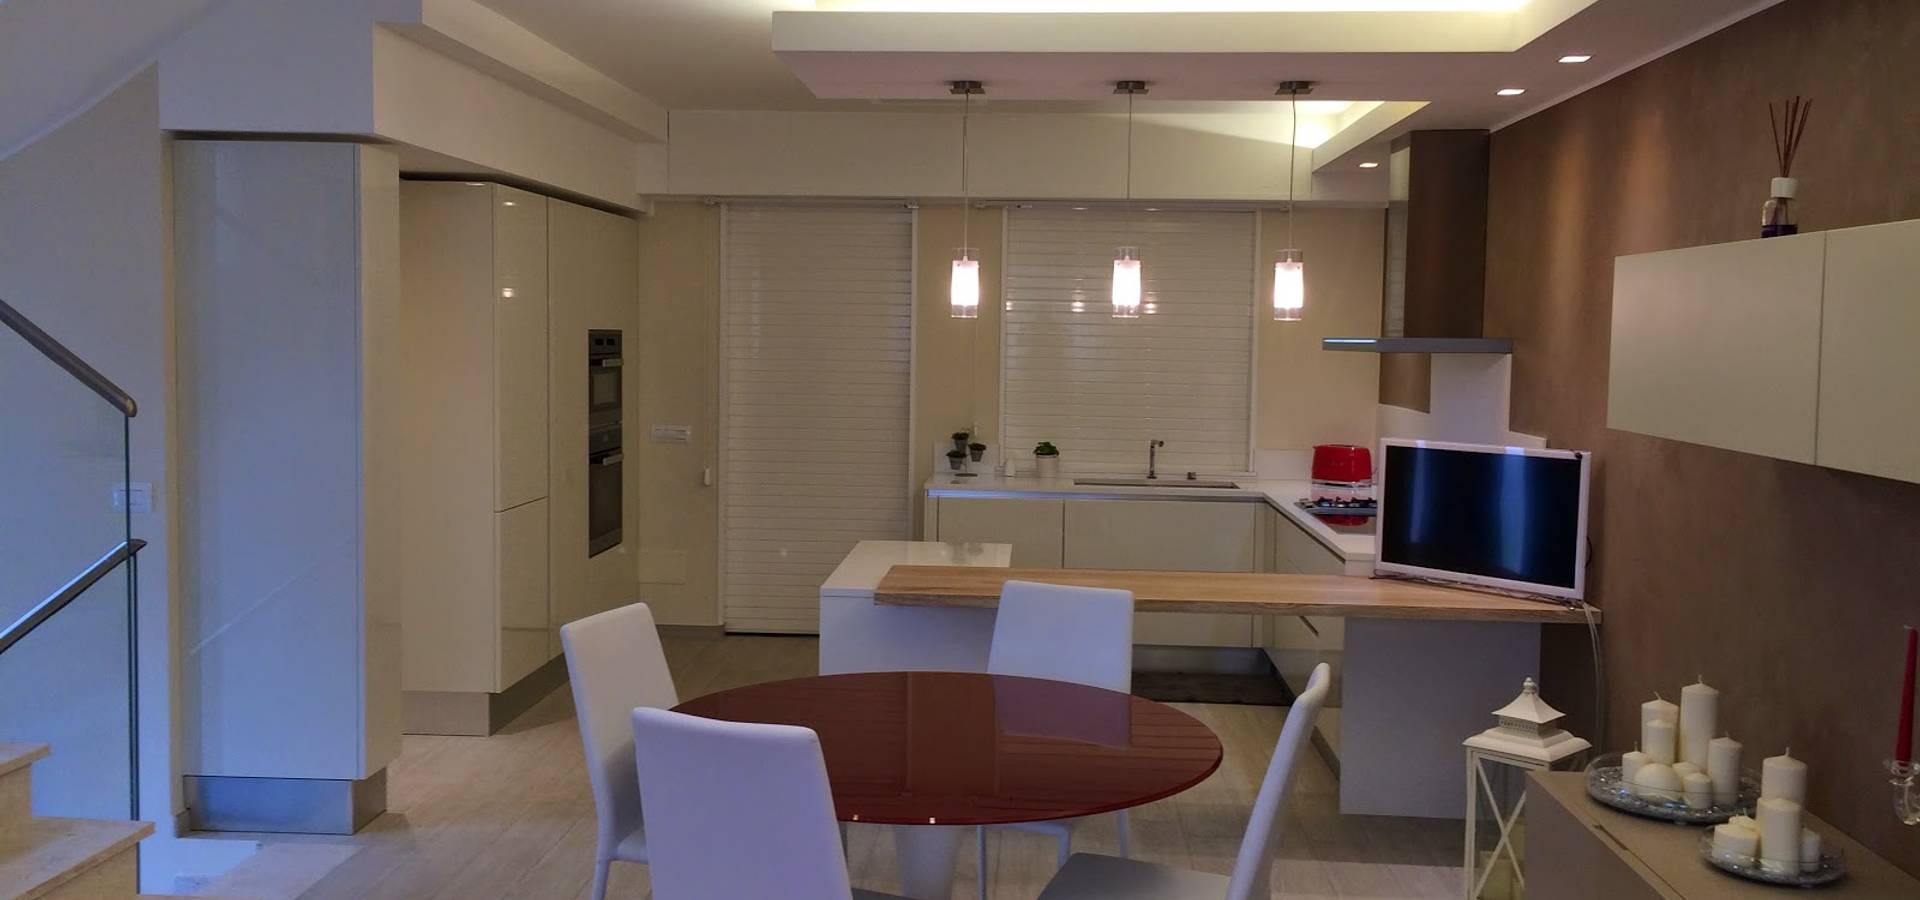 progettazione e arredamento d 39 interni di osimani proposte